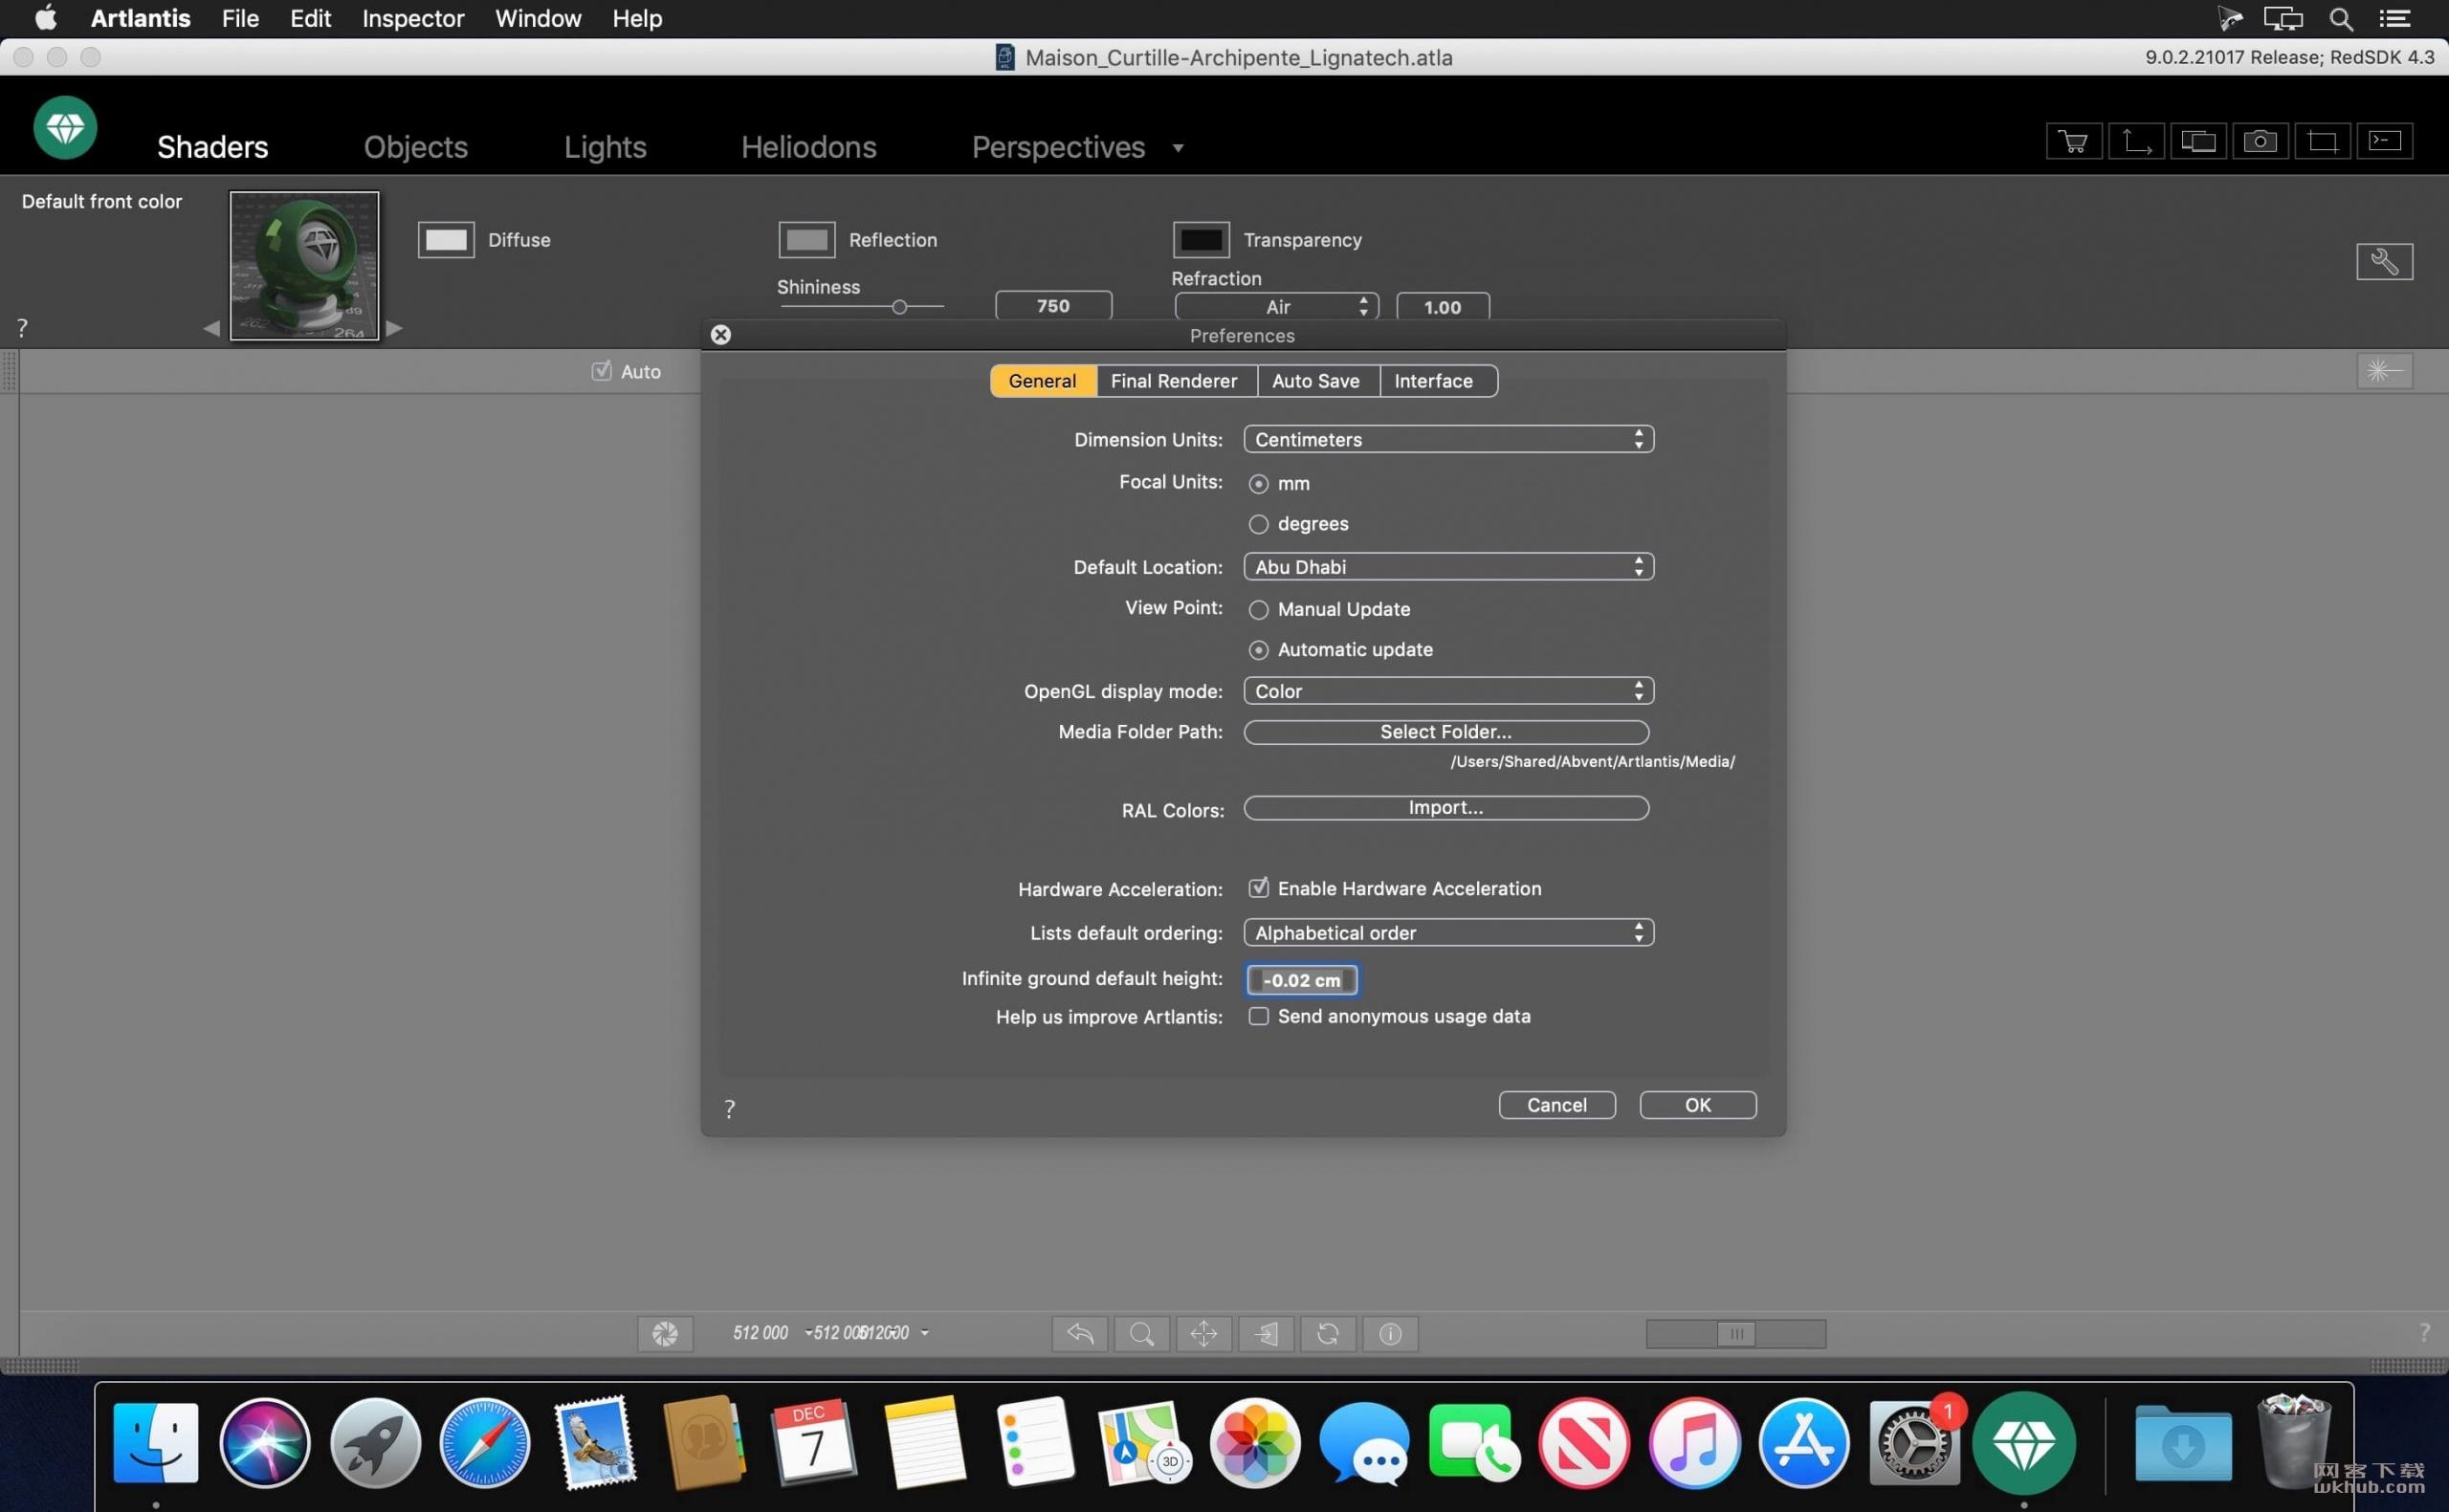 Artlantis 2020.2 9.0.2.21255 三维渲染工具